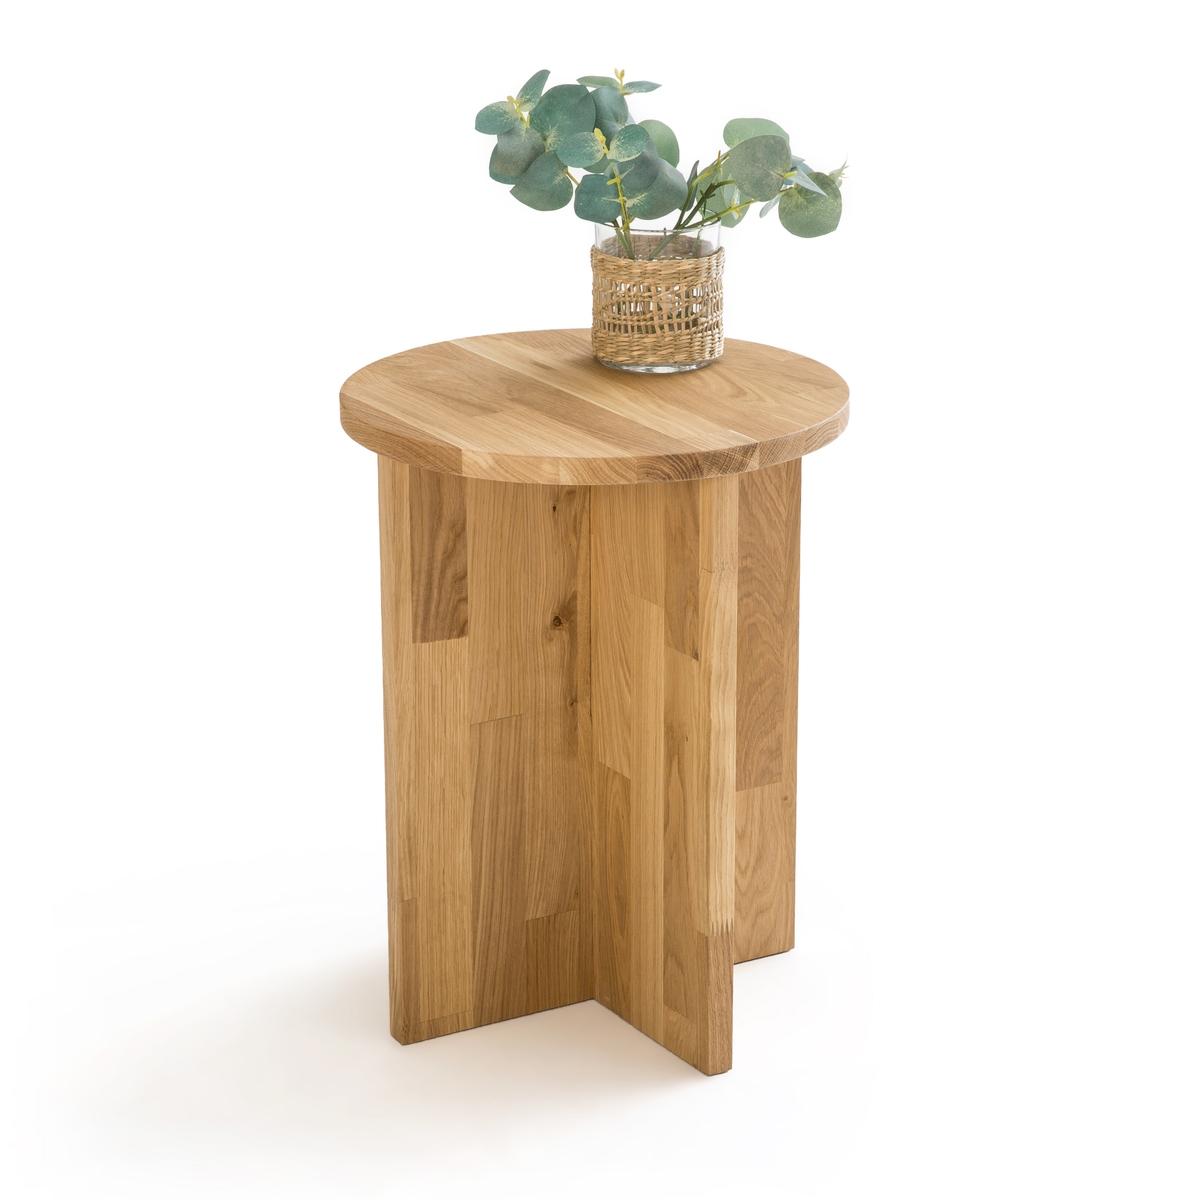 Стол LaRedoute Журнальный из массива дуба Obadi единый размер каштановый столик laredoute журнальный из дуба покрытого олифой adelita единый размер каштановый